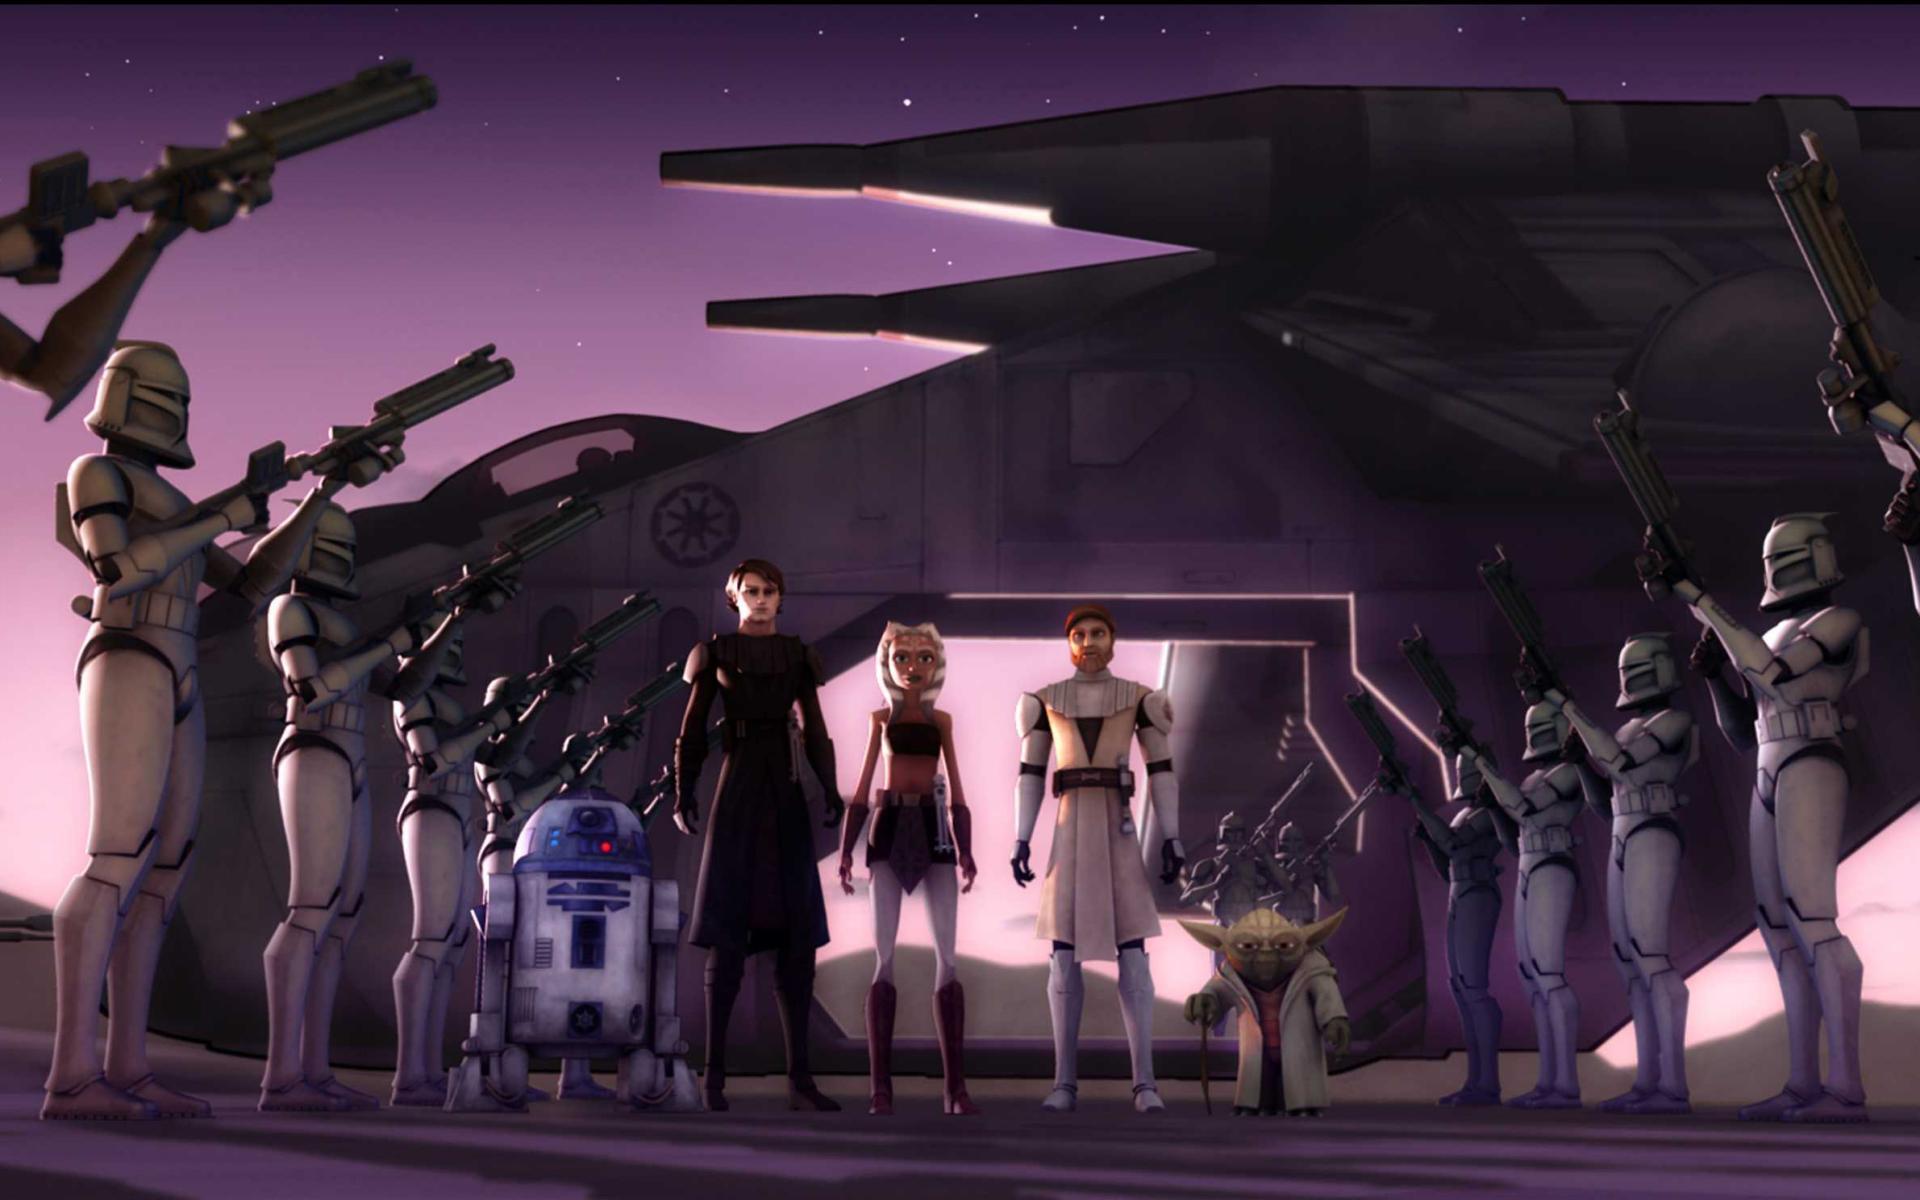 Star Wars Clone Wars Wallpapers 1920x1200